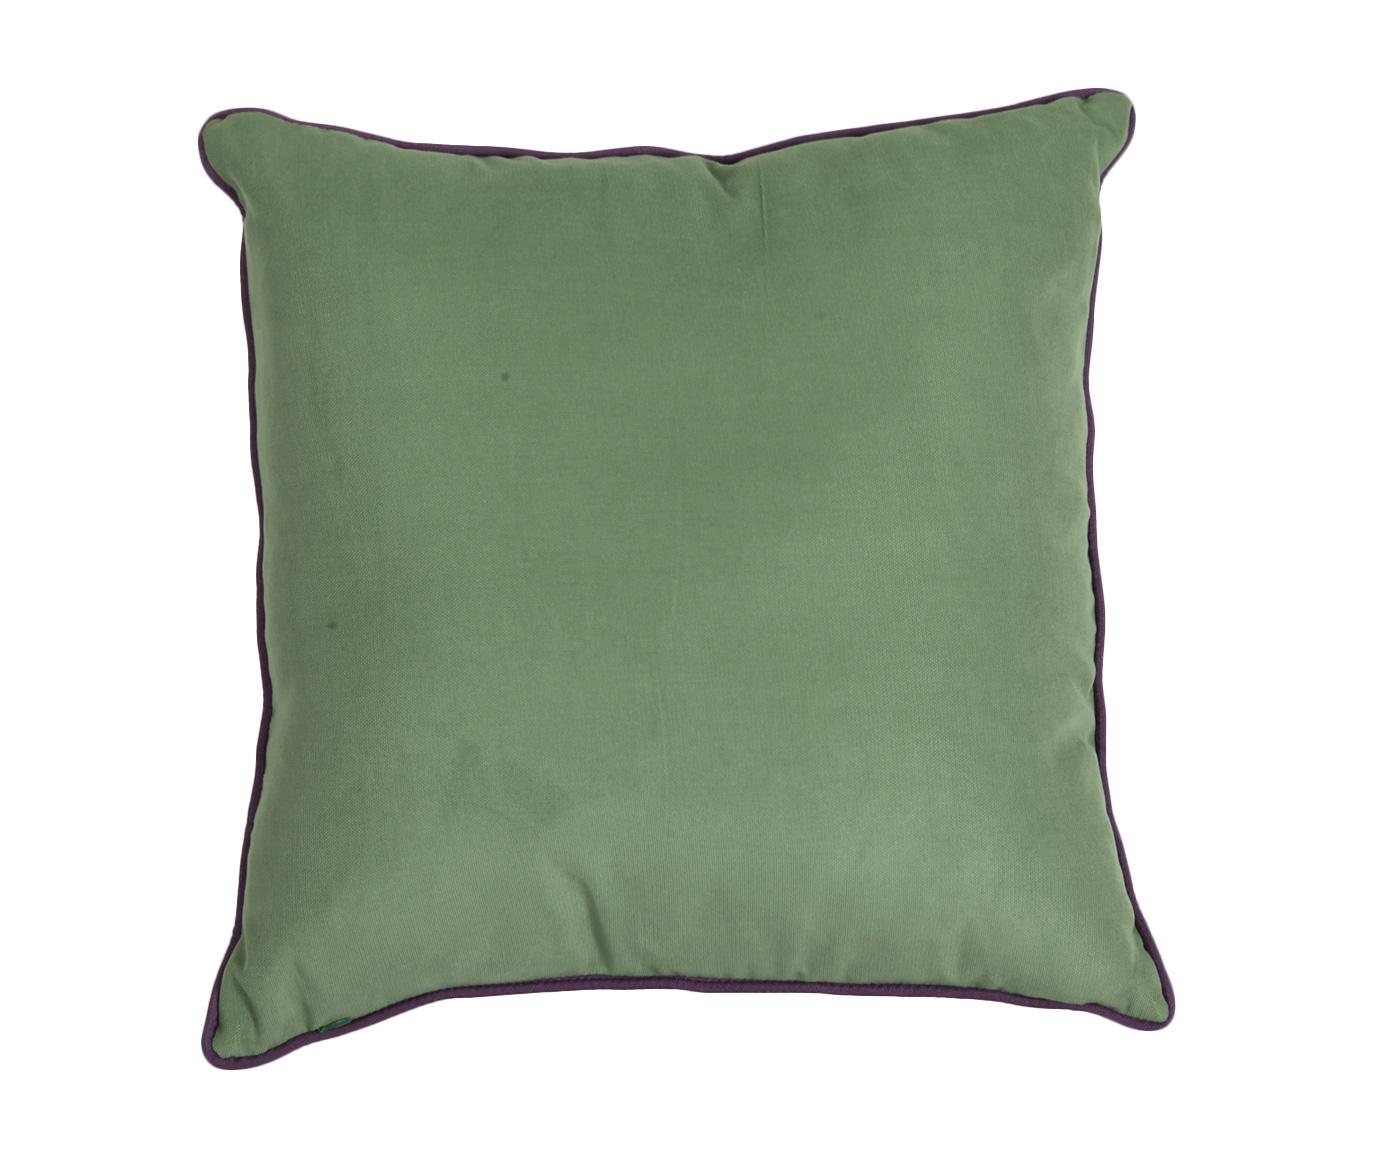 Подушка Фиолетовый кантКвадратные подушки<br>Декоративная  подушка .Чехол съемный.<br><br>Material: Хлопок<br>Width см: 45<br>Depth см: 15<br>Height см: 45